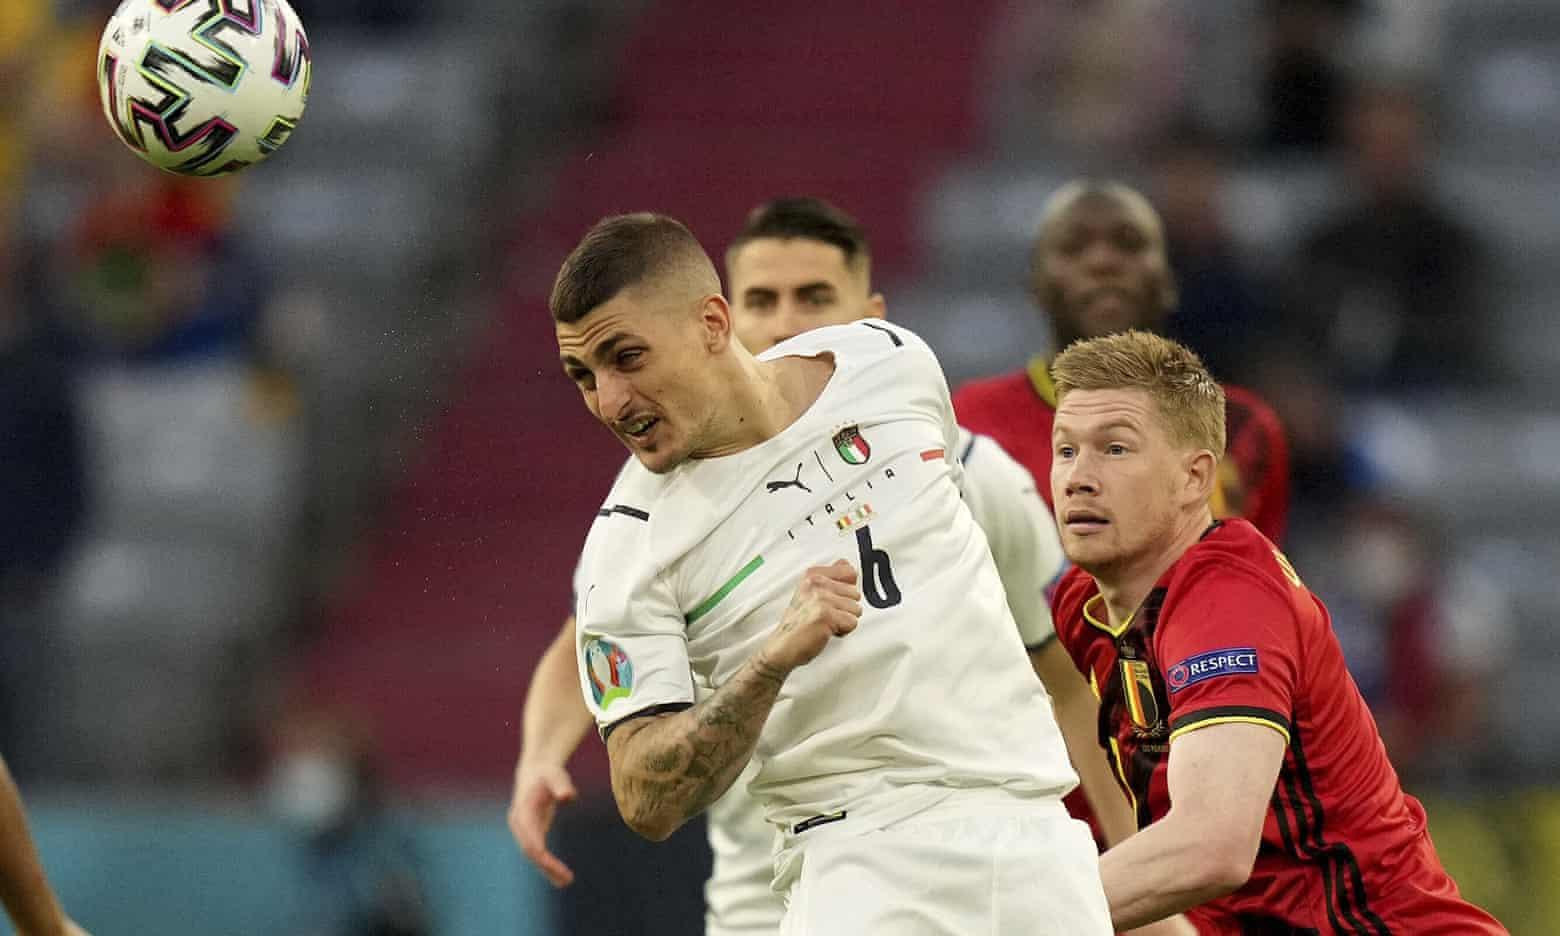 """อิตาลีชนะเบลเยียมตามที่มูรินโญ่ทำนายไว้ก่อนที่จะไปอิตาลีเพื่อรับงานใหม่ที่ AS Roma  ภาพถ่าย: """"AP ."""""""